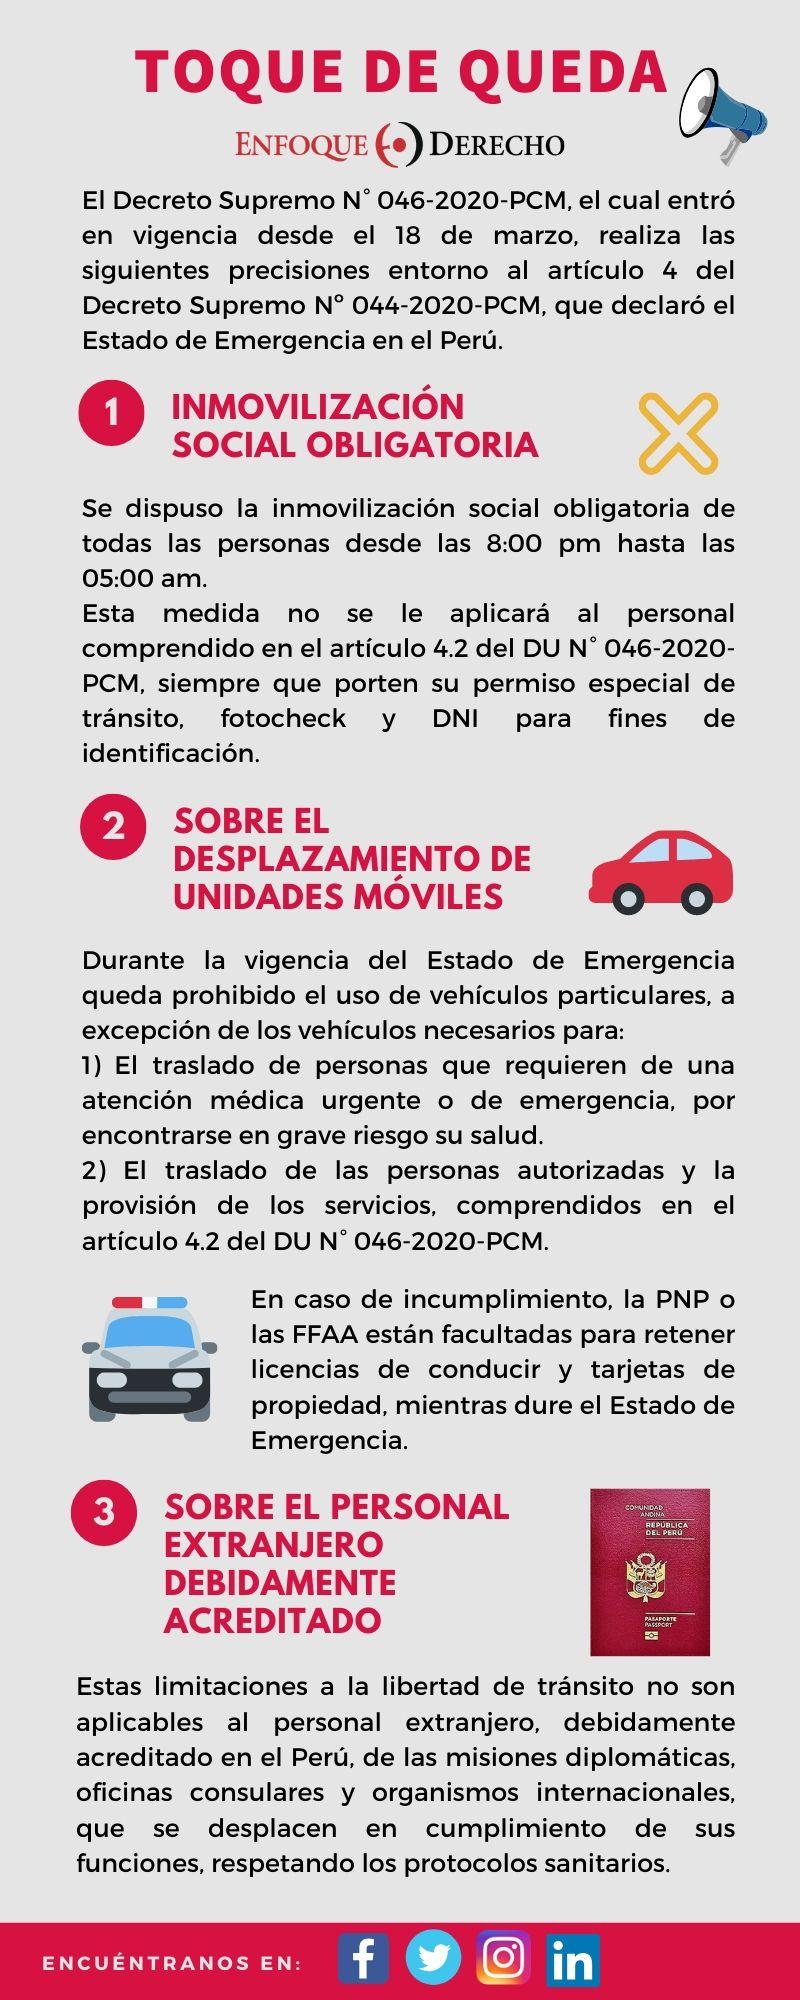 Infografia Decreto Supremo N 046 2020 Pcm Sobre El Toque De Queda Enfoque Derecho El Portal De Actualidad Juridica De Themis